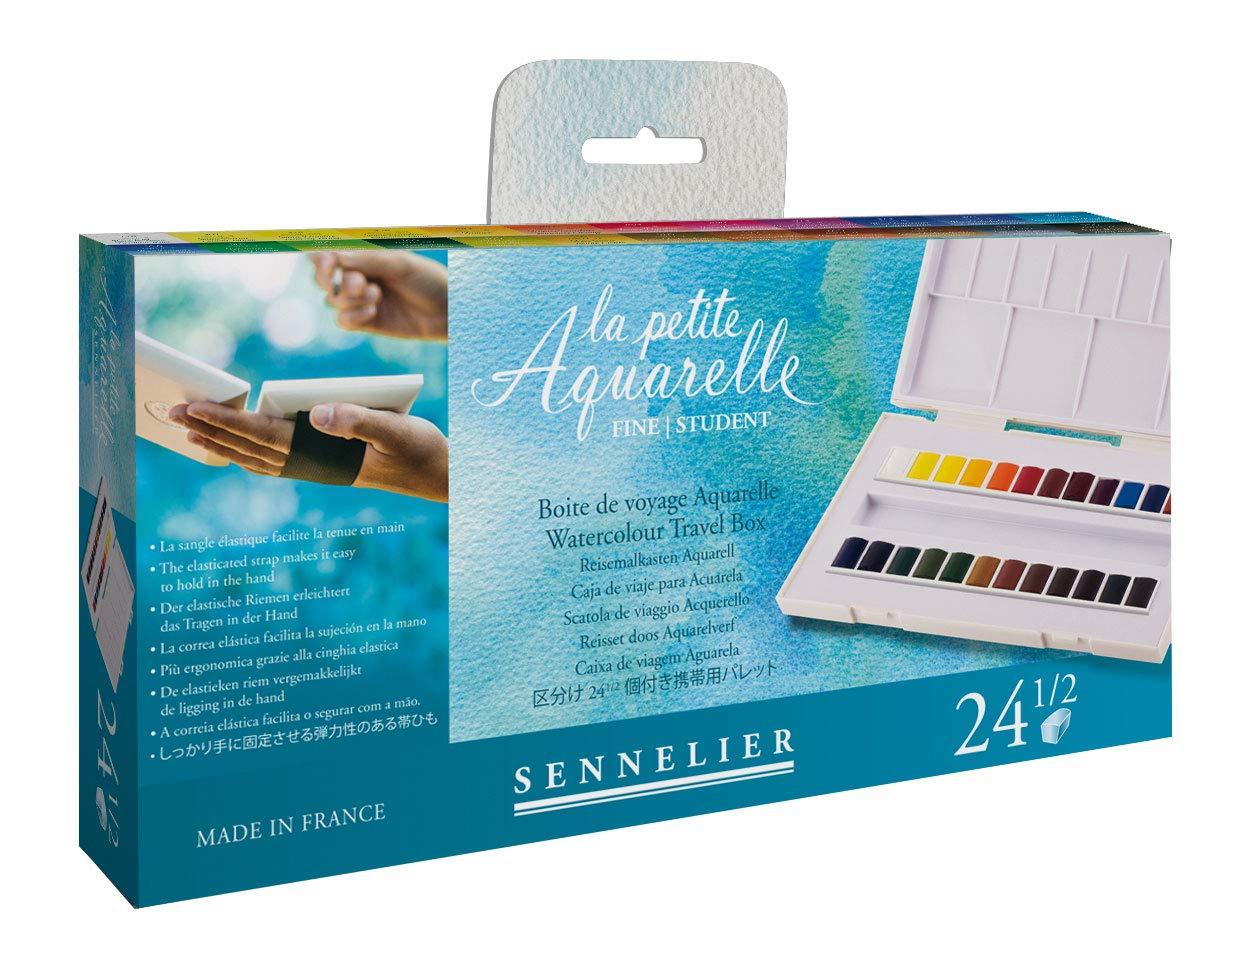 Sennelier La Petite Aquarelle Watercolor Paint Set - 24 Half Pan Plastic Tray With Elastic Hand Strap - Student Grade Watercolor Paint Set - [24 Half Pans] by SENNELIER